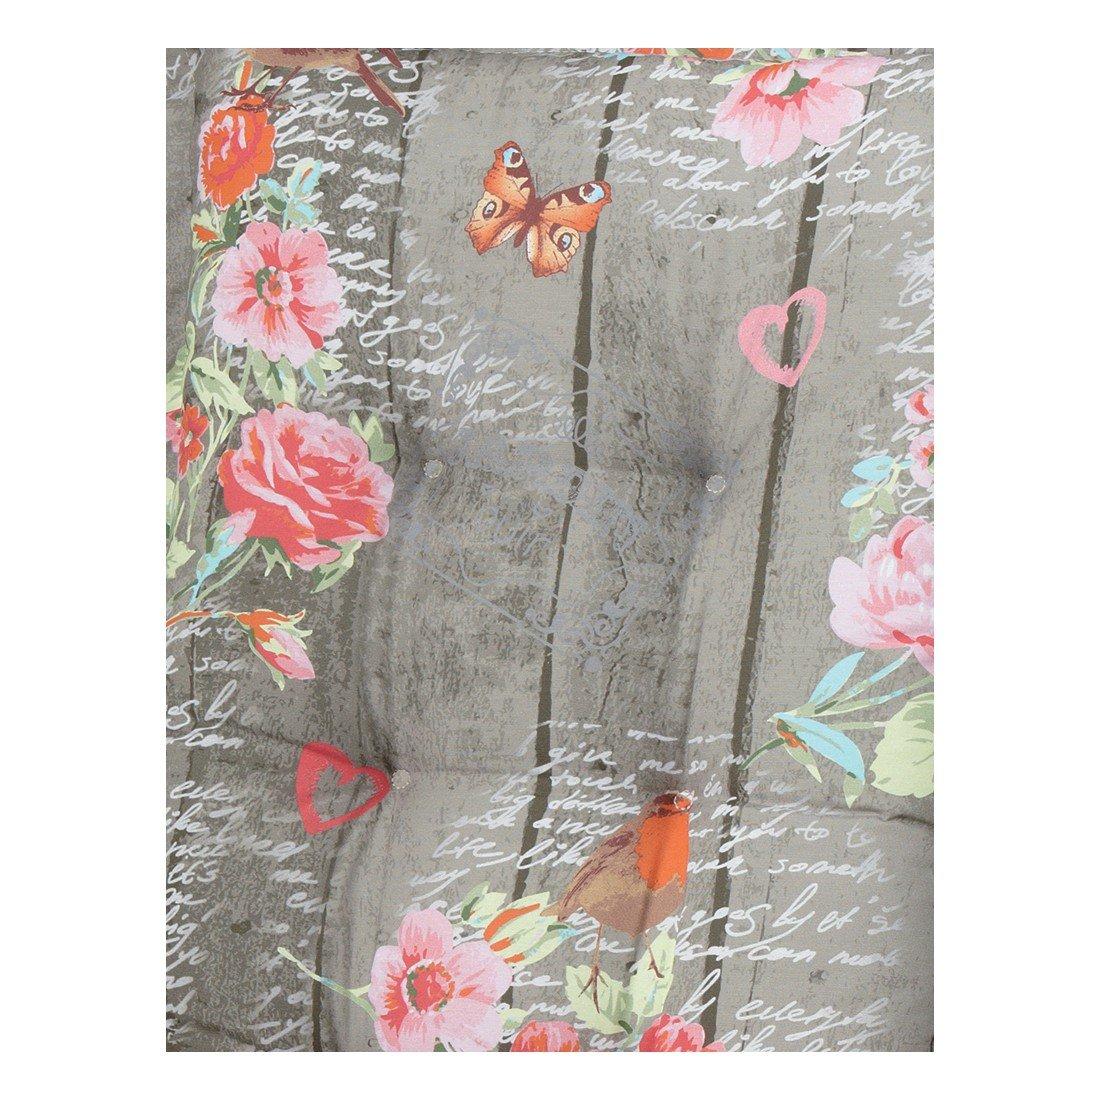 Madison 7TOSCC267 Auflage Mareike für Toscana, 75% Baumwolle 25% Polyester, 46 x 46 cm, anthrazit günstig bestellen